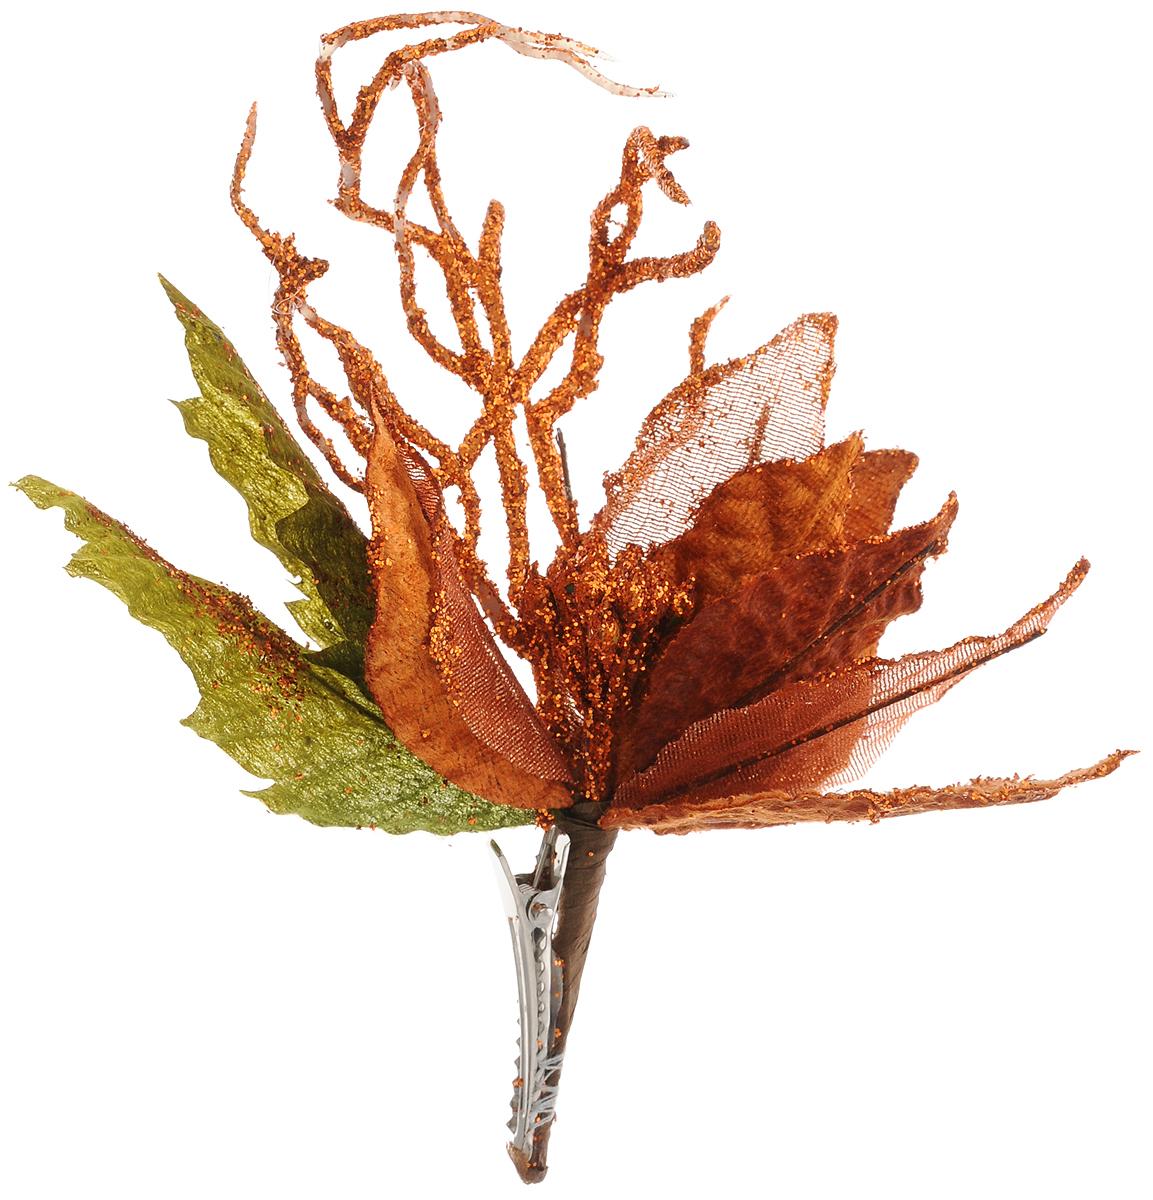 """Новогоднее украшение Феникс-Презент """"Пуансеттия оранжевая"""" выполнено из поливинилхлорида в форме букета из листьев. Изделие крепится с помощью клипсы. Украшение можно прикрепить в любом понравившемся вам месте. Но, конечно, удачнее всего оно будет смотреться на праздничной елке.Елочная игрушка - символ Нового года. Она несет в себе волшебство и красоту праздника. Создайте в своем доме атмосферу веселья и радости, украшая новогоднюю елку нарядными игрушками, которые будут из года в год накапливать теплоту воспоминаний.Материал: поливинилхлорид.Размеры: 13 х 16 см."""